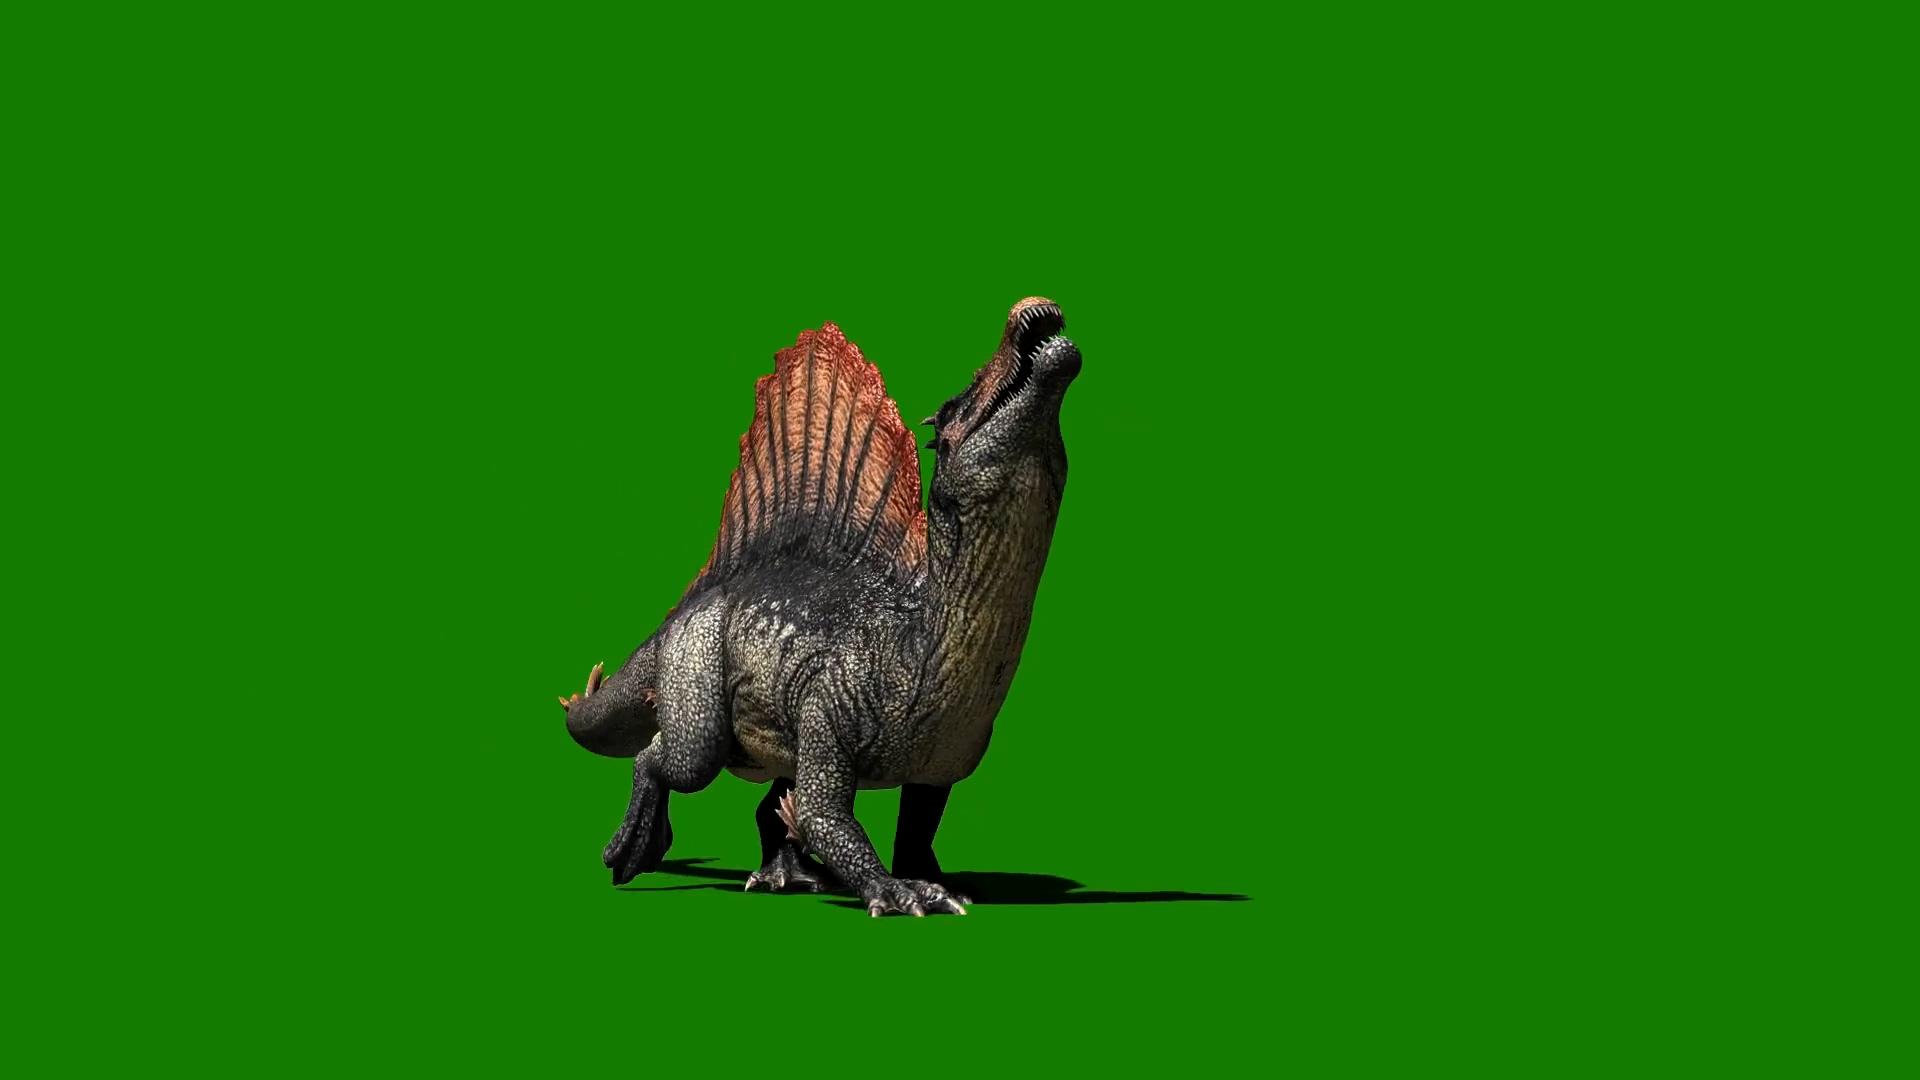 绿屏抠像棘龙恐龙